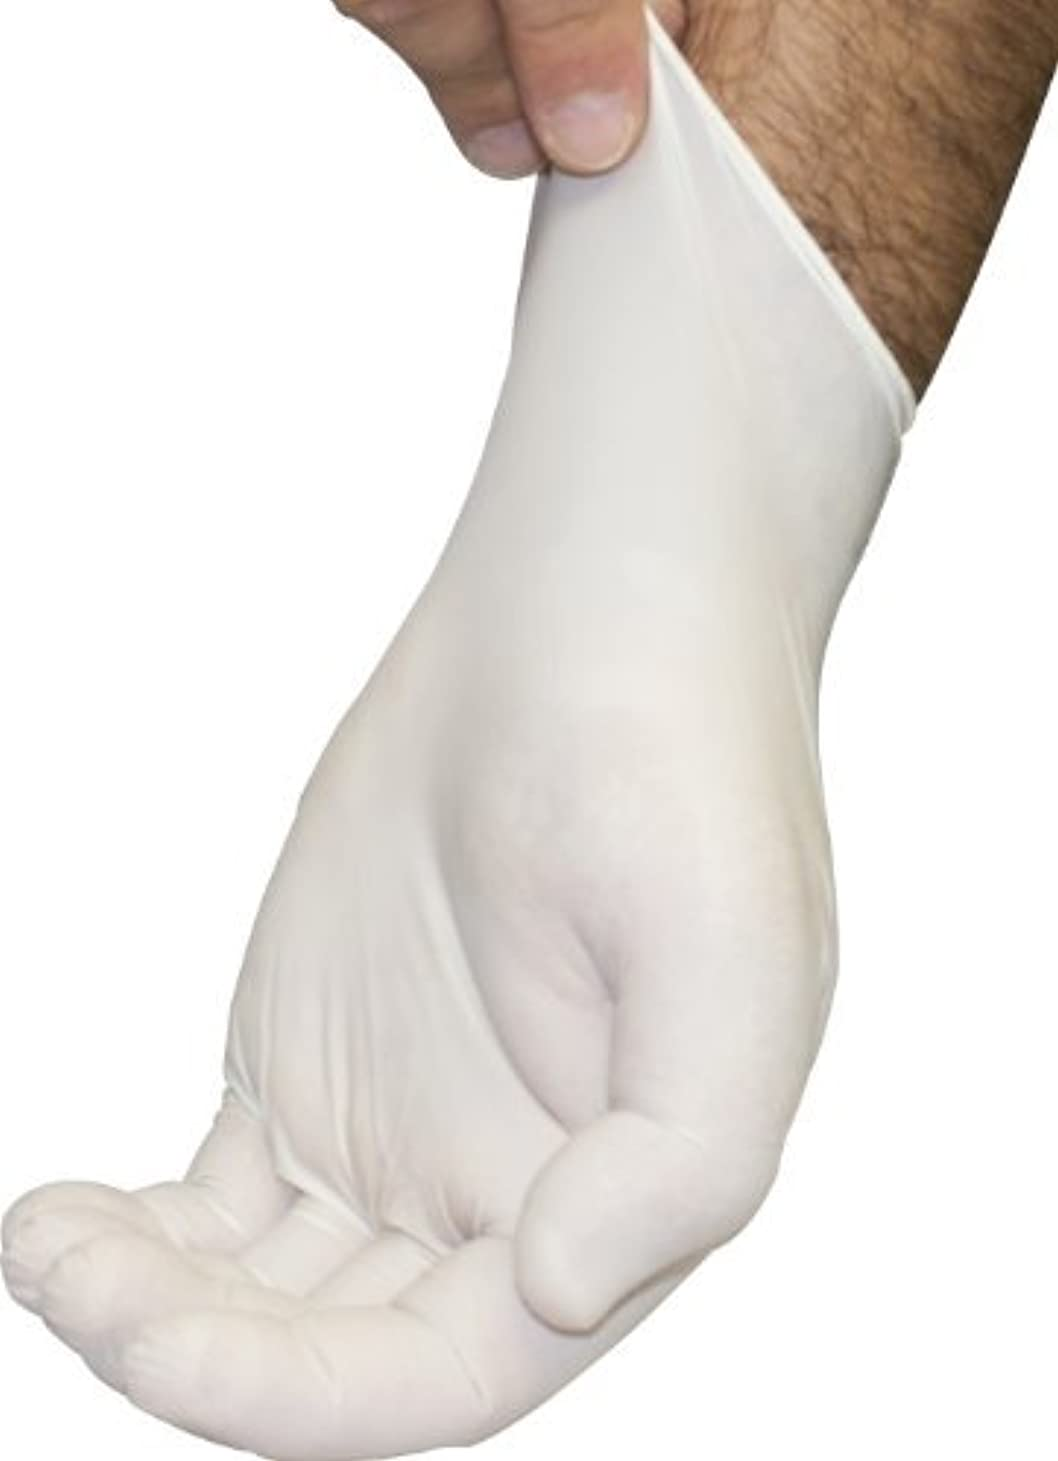 オアシス印象原始的なThe Safety Zone GRPR-2X-1-T Powder Free Disposable,Latex Rubber Gloves,XX-Large,Natural (Case of 1000) [並行輸入品]